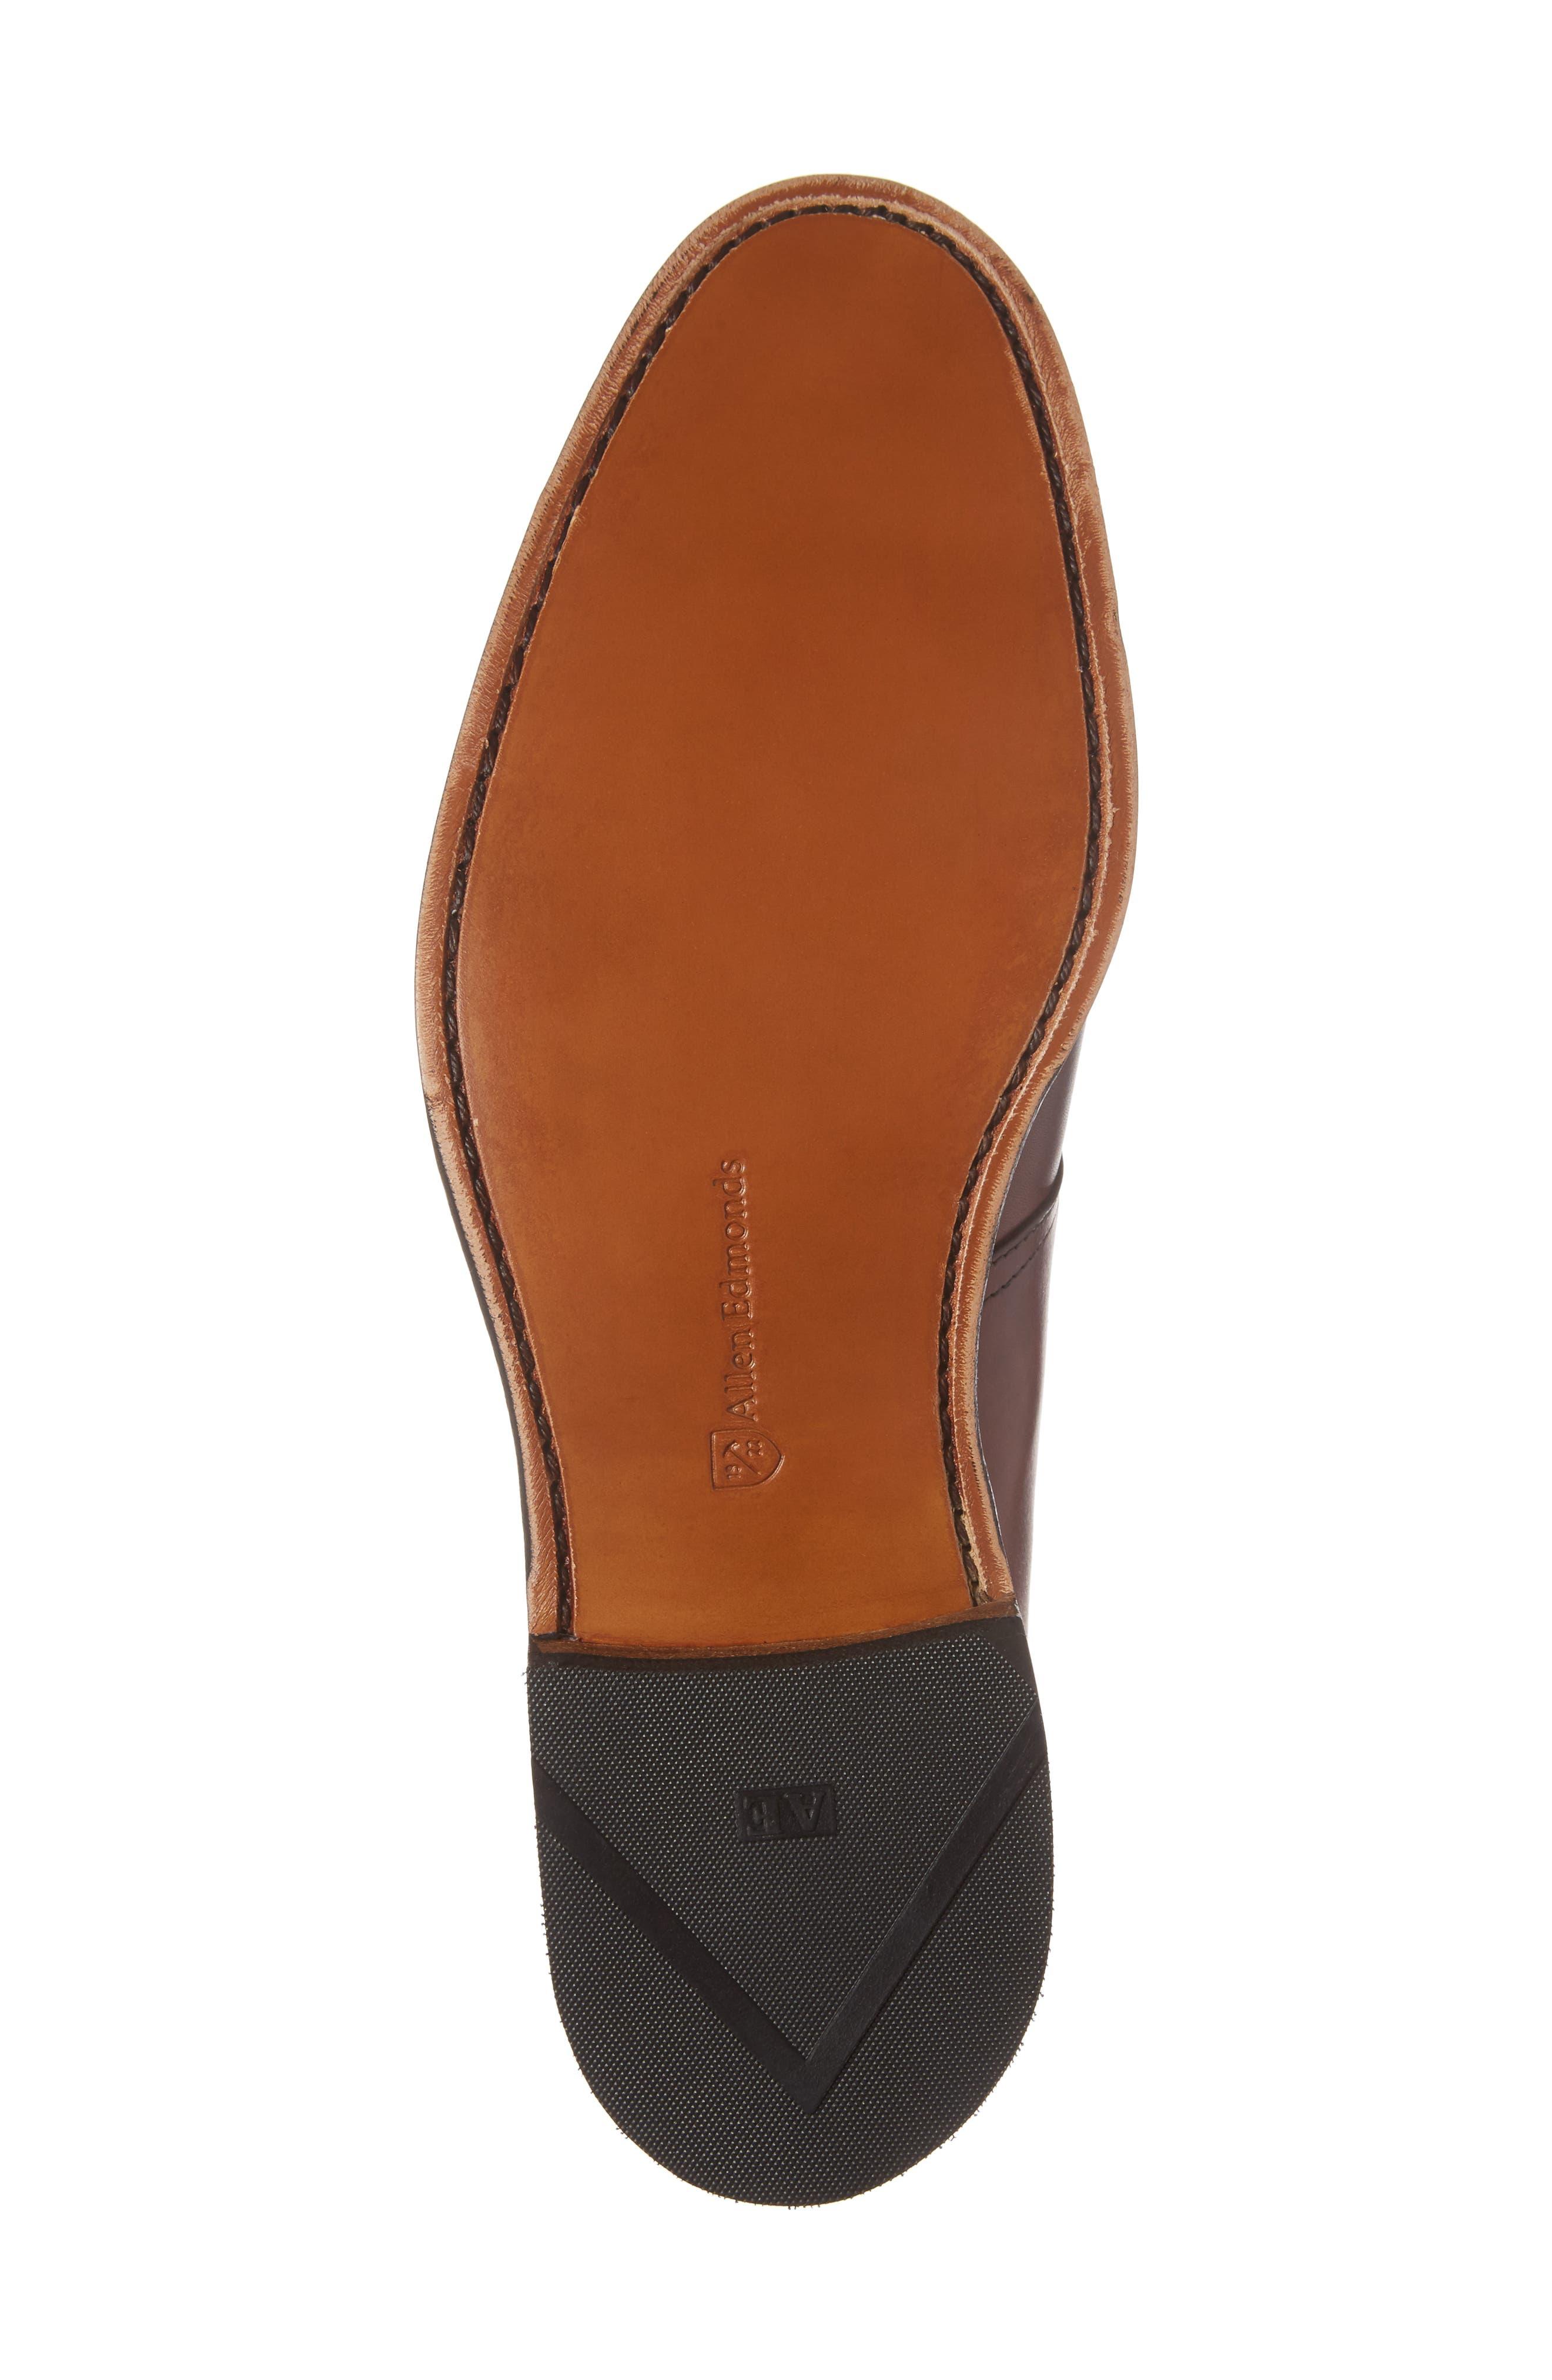 Warwick Monk Strap Shoe,                             Alternate thumbnail 6, color,                             932